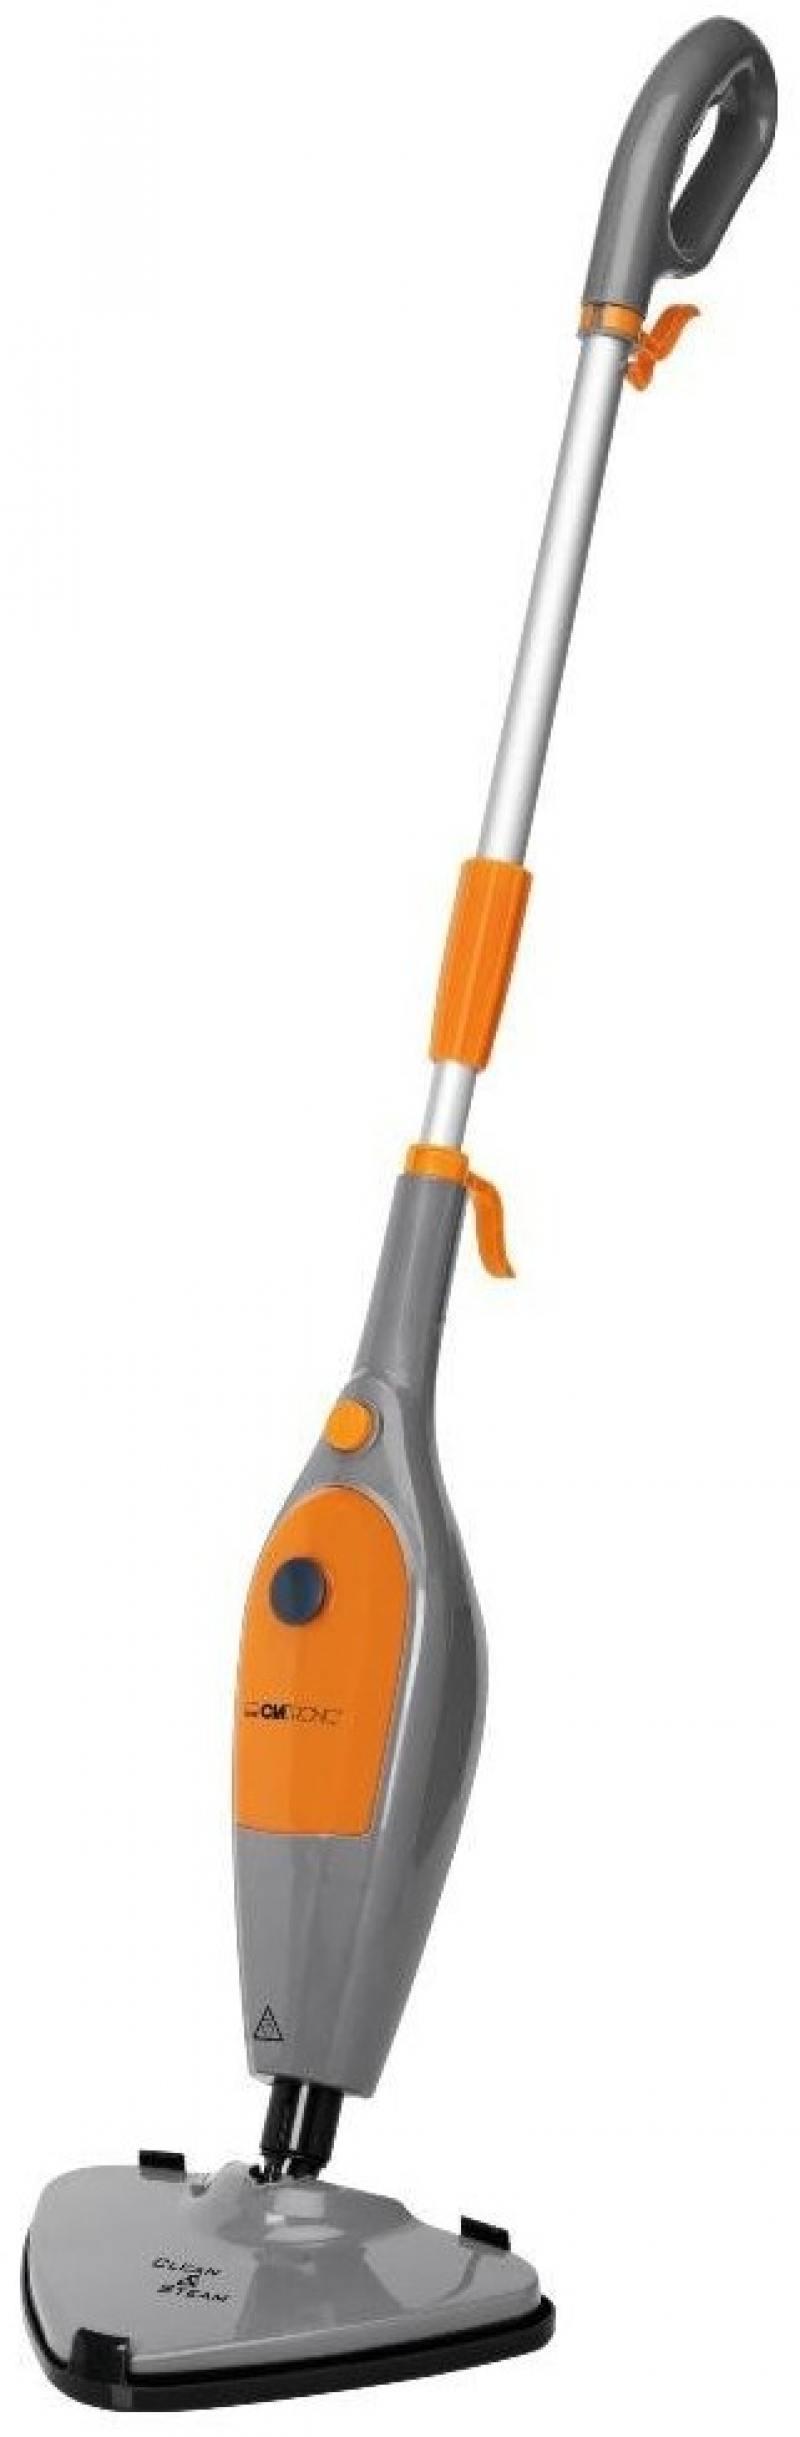 Паровая швабра Clatronic DR 3539 серо-оранжевый цена и фото